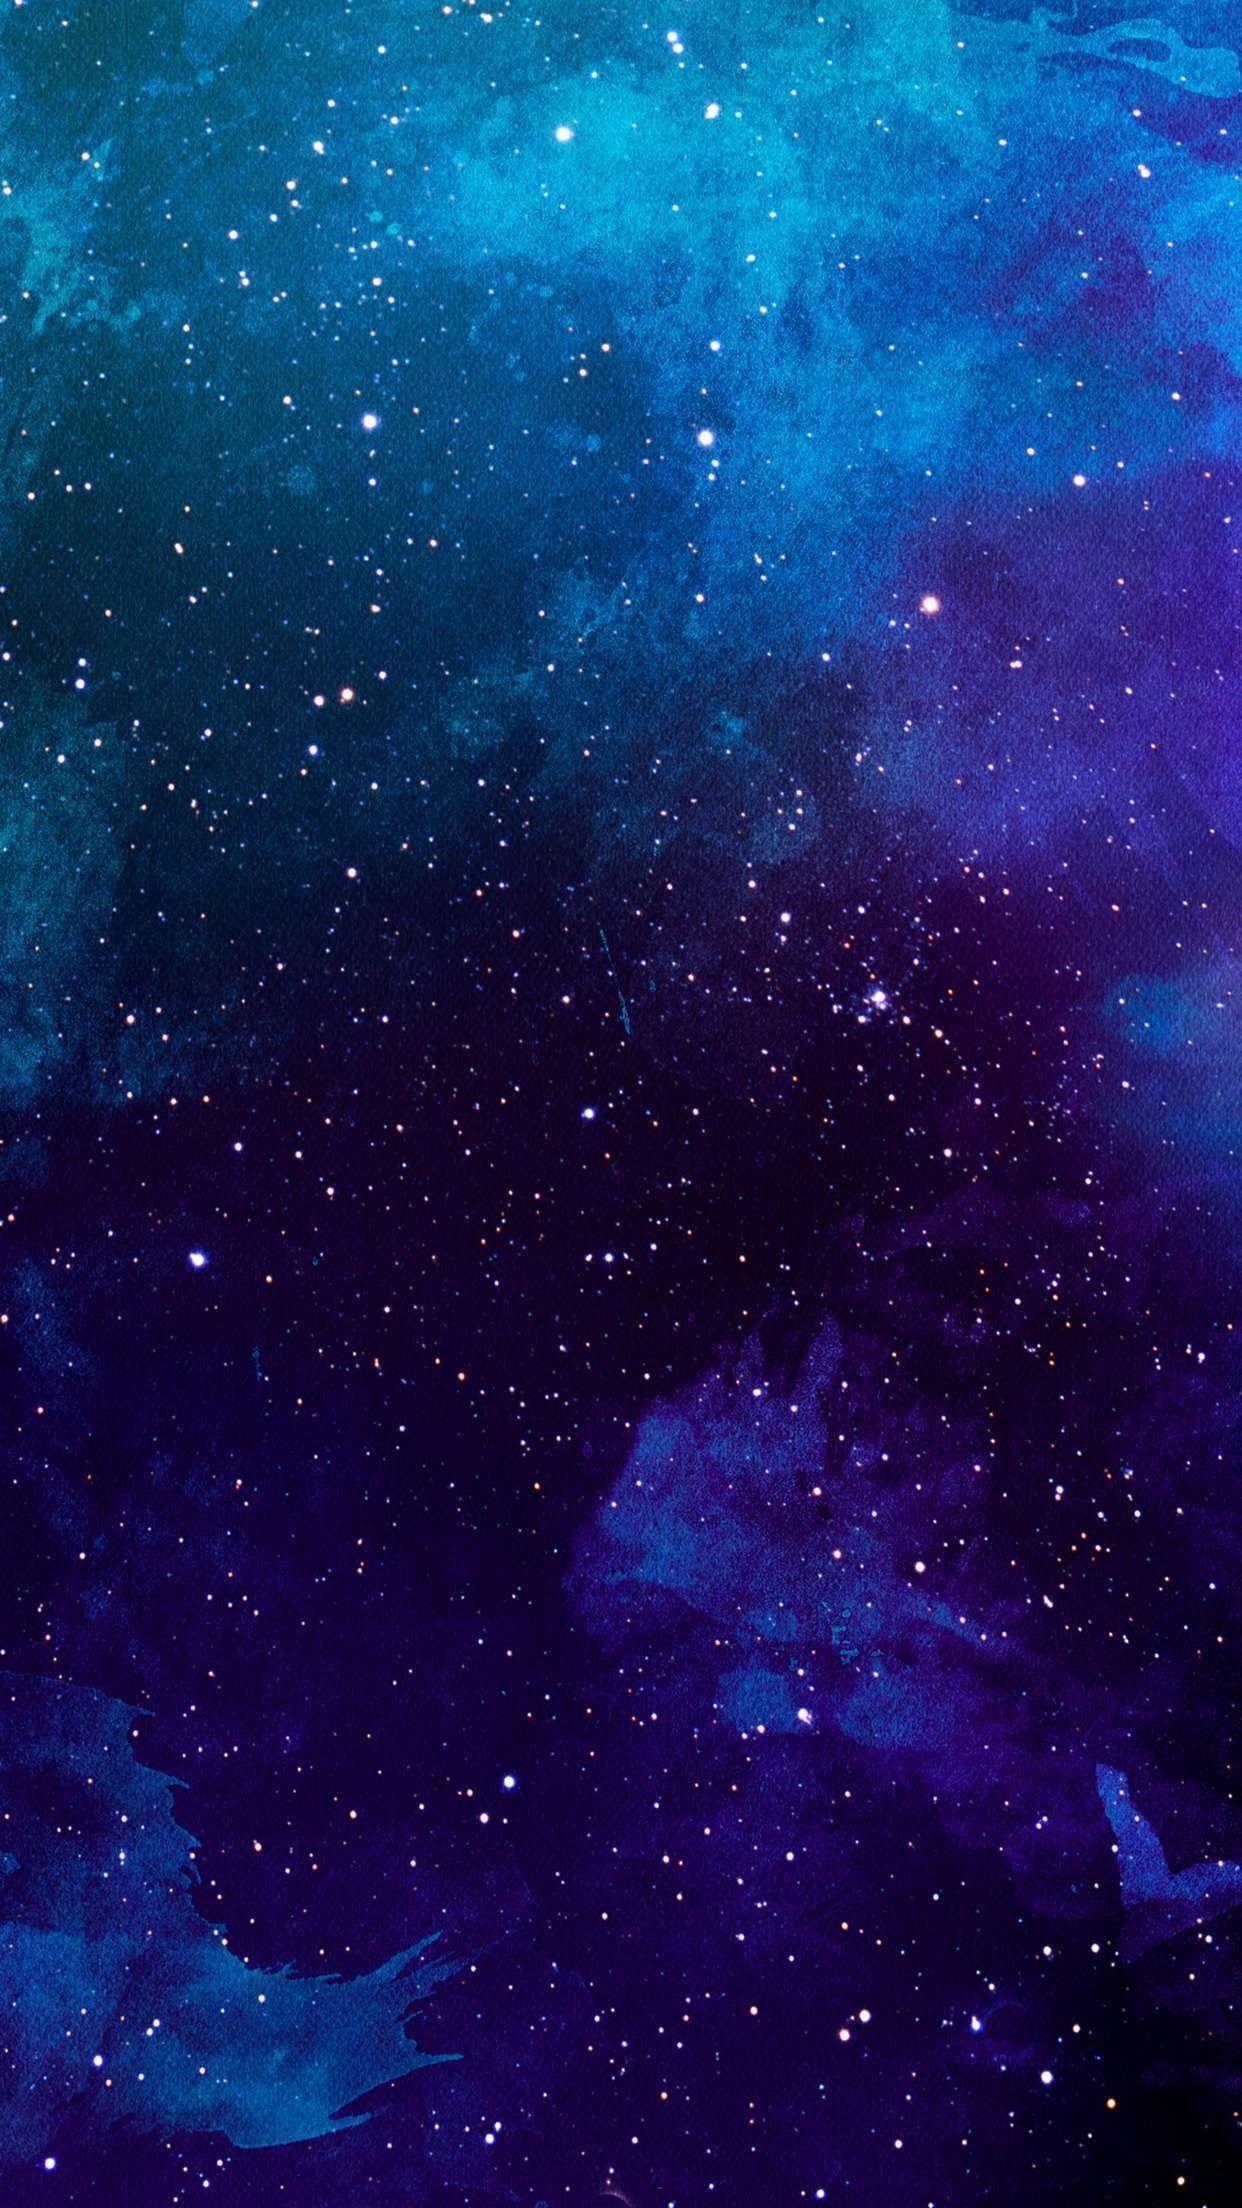 Arte Digital De La Ilustracion Purpura Y Azul De La Galaxia Colorido 1080p Wallpape In 2020 Purple Galaxy Wallpaper Galaxy Wallpaper Iphone Purple Wallpaper Iphone